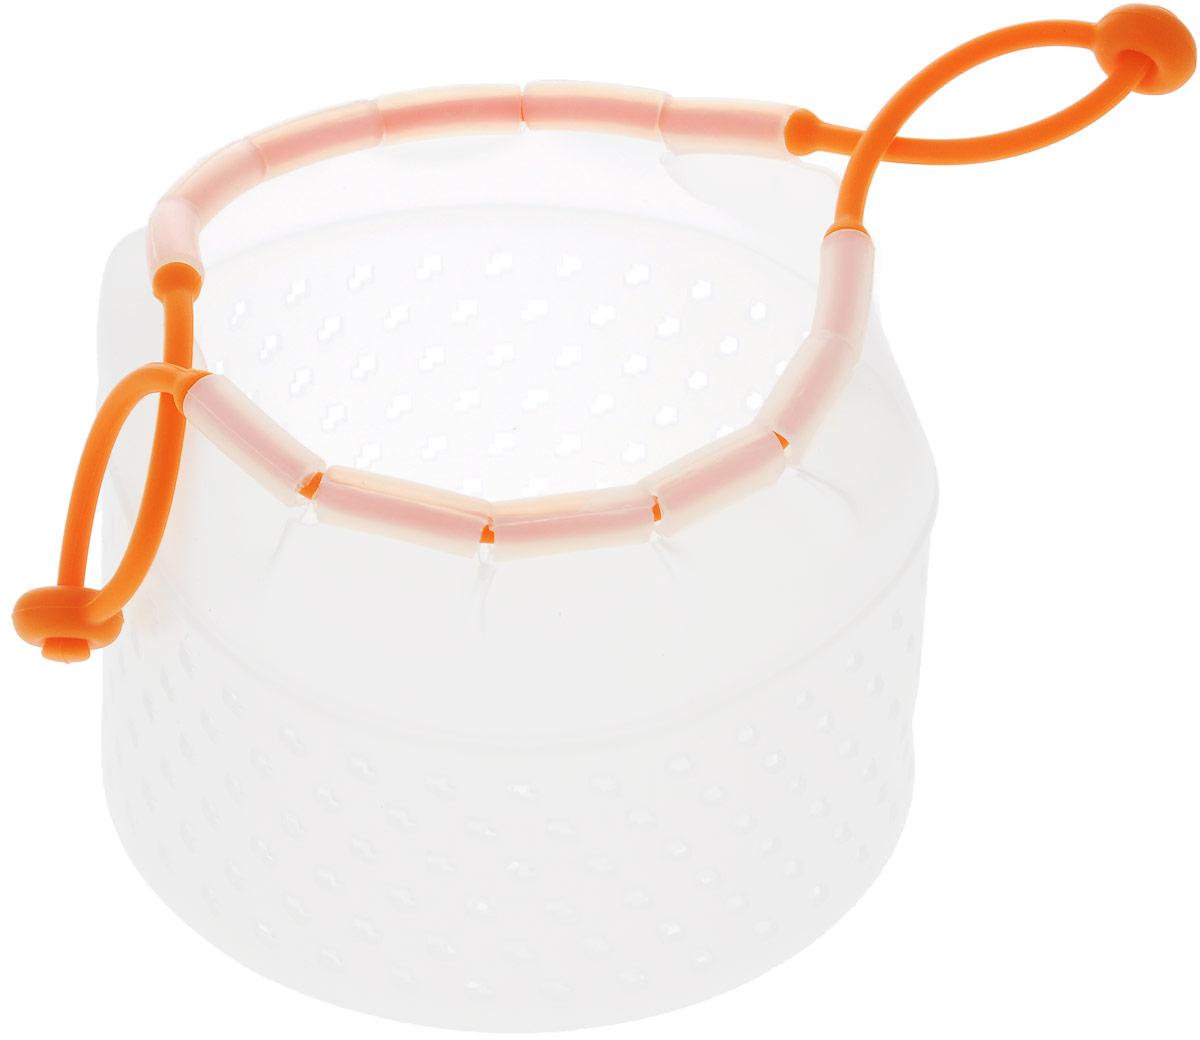 Мешочек для варки и бланширования Mayer & Boch, силиконовый, цвет: оранжевый, 16 х 16 х 12 см24619_оранжевыйМешочек для варки и бланширования Mayer & Boch, полностью сделанный из силикона, бланширует продукты, максимально сохраняя их питательные вещества, благодаря моментальному обвариванию. Бланширование позволяет создать на продуктах защитную пленку, для того, чтобы сохранить их вкус и питательные вещества. Отличный результат дает бланширование мяса, овощей и фруктов. Ранее для термической обработки продуктов требовалось иметь под рукой множество различных приспособлений, а сам процесс был небезопасным. Теперь, с появлением удобных и безопасных изделий из уникального материала - силикона - можно добиться отличного результата, не подвергая себя опасности получить термический ожог. Особенность мешочка для бланширования состоит не только в материале, но и специальной конструкции, которая позволяет одновременно приготовить сразу несколько продуктов. Мешочек со сквозными отверстиями затягивается силиконовой лентой со специальным креплением, благодаря которым...